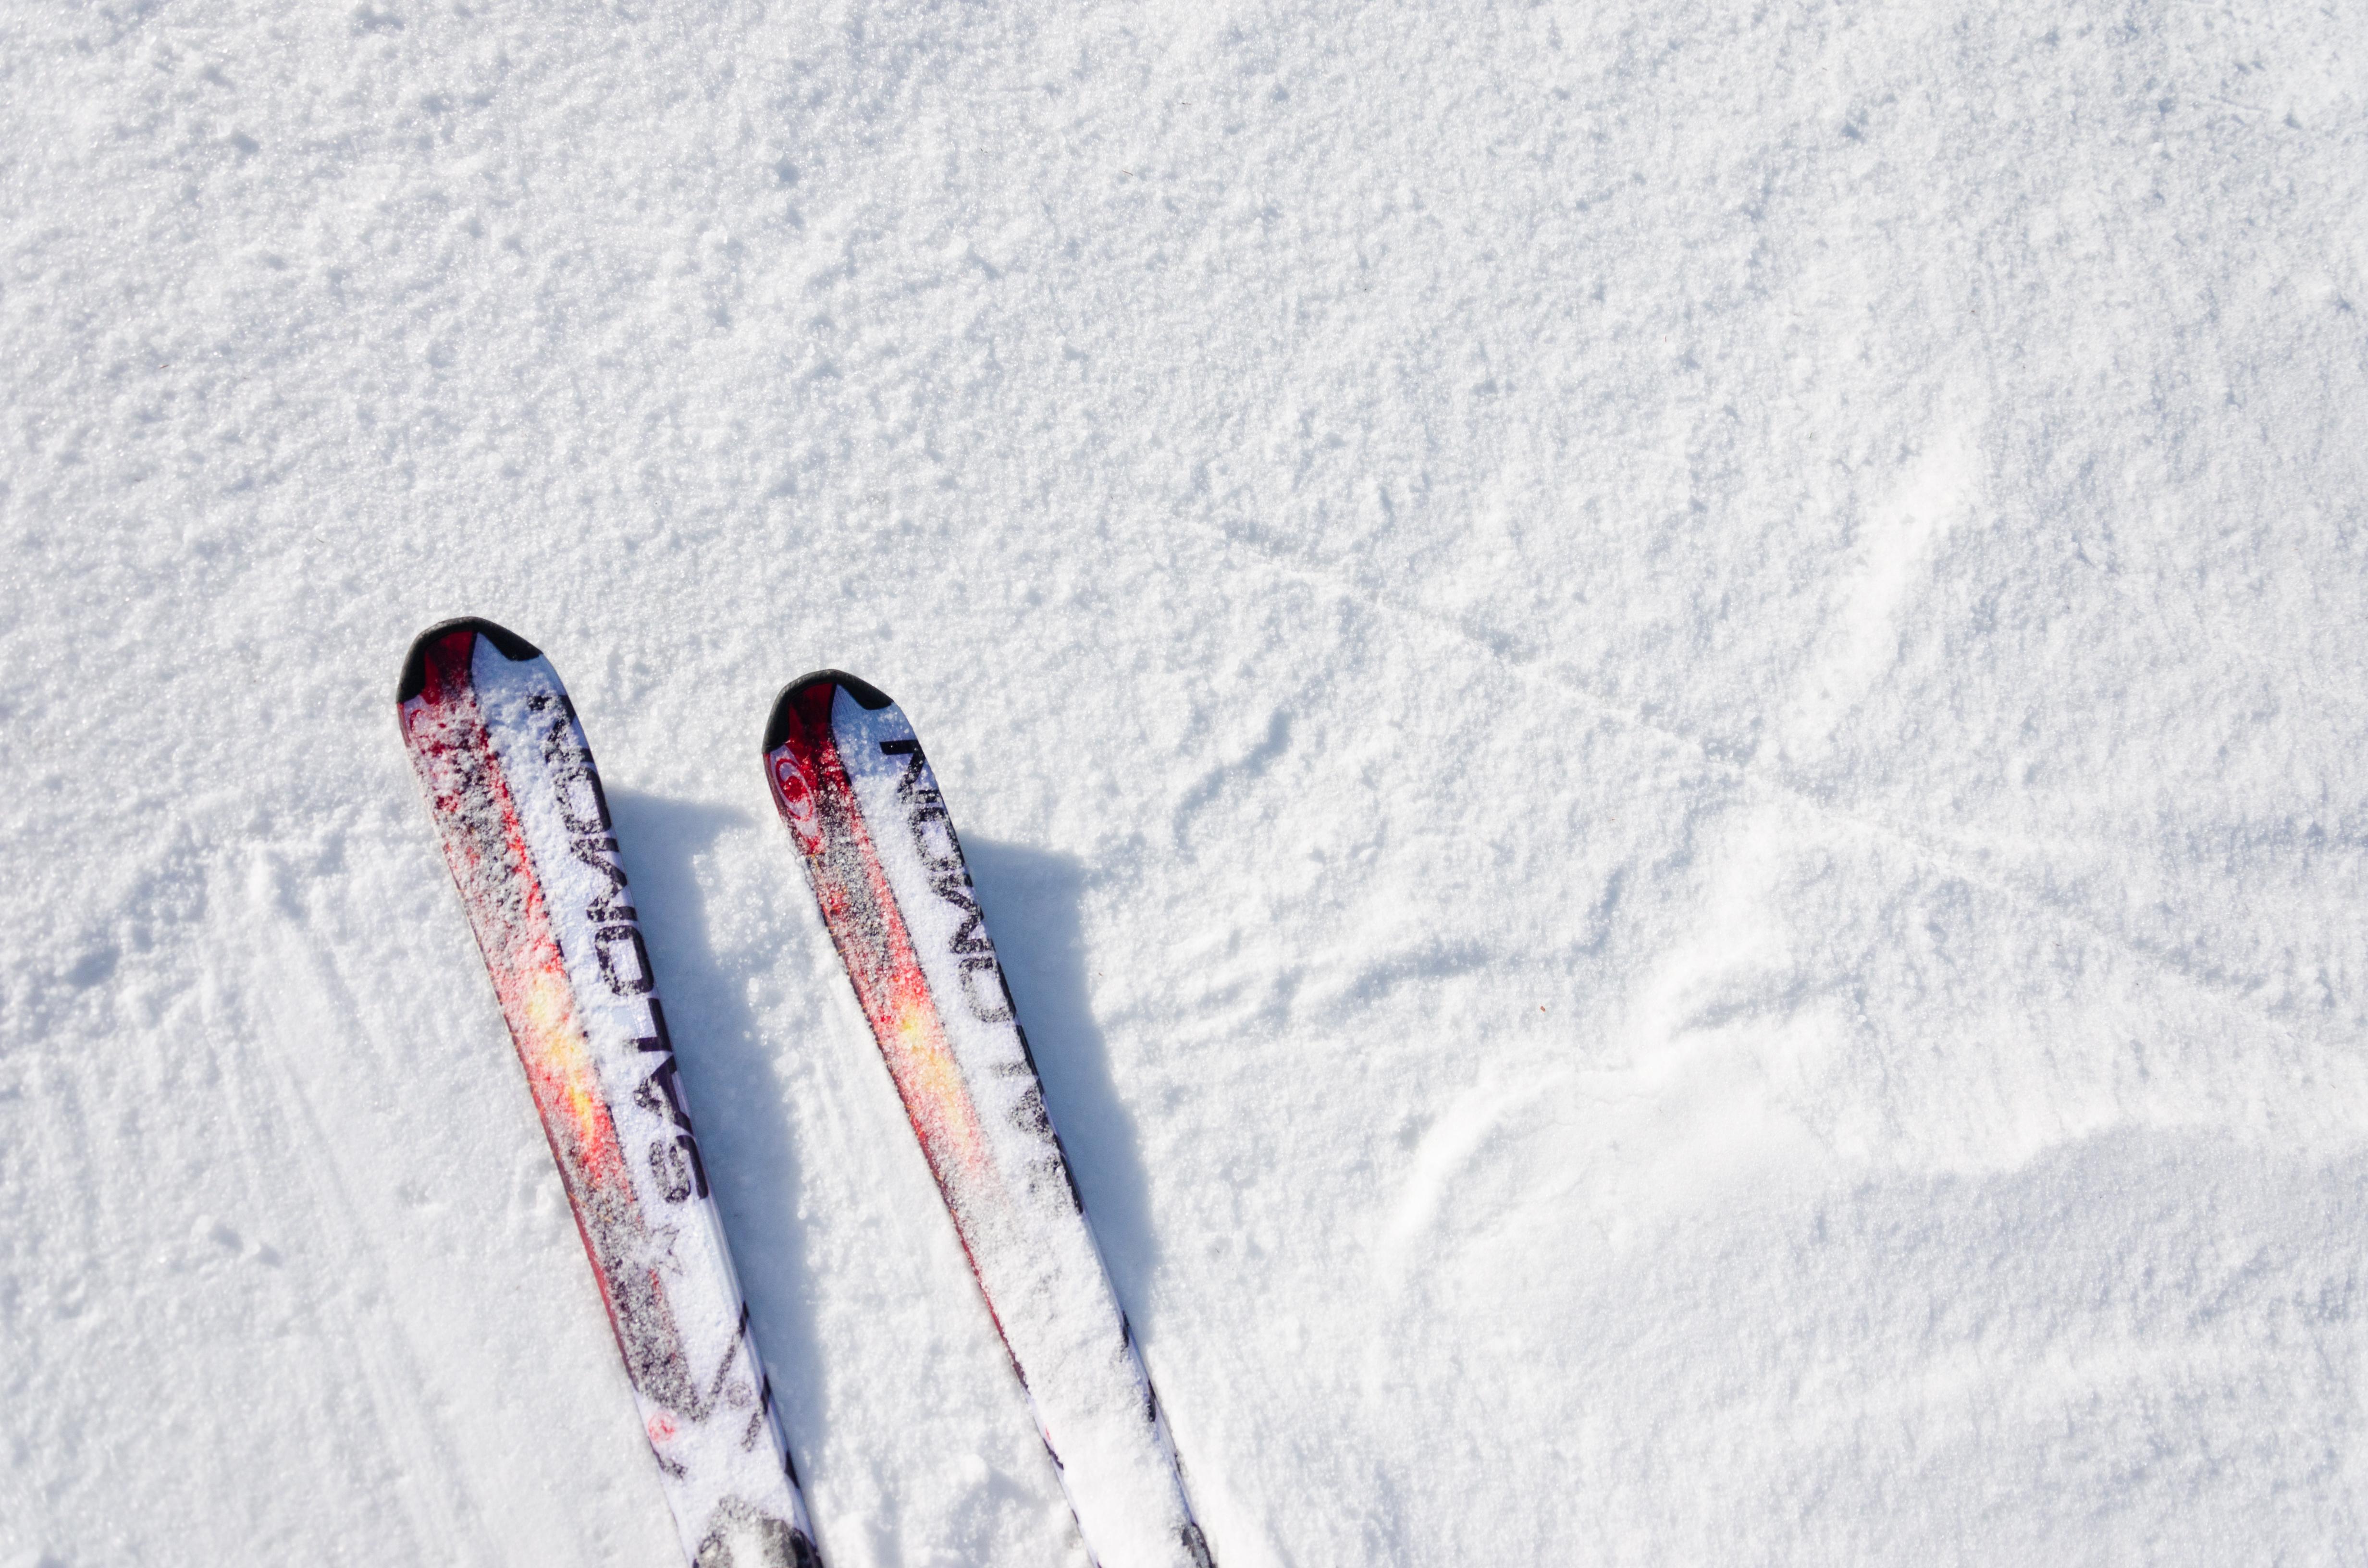 Skifahren_Reportage (5 von 13)